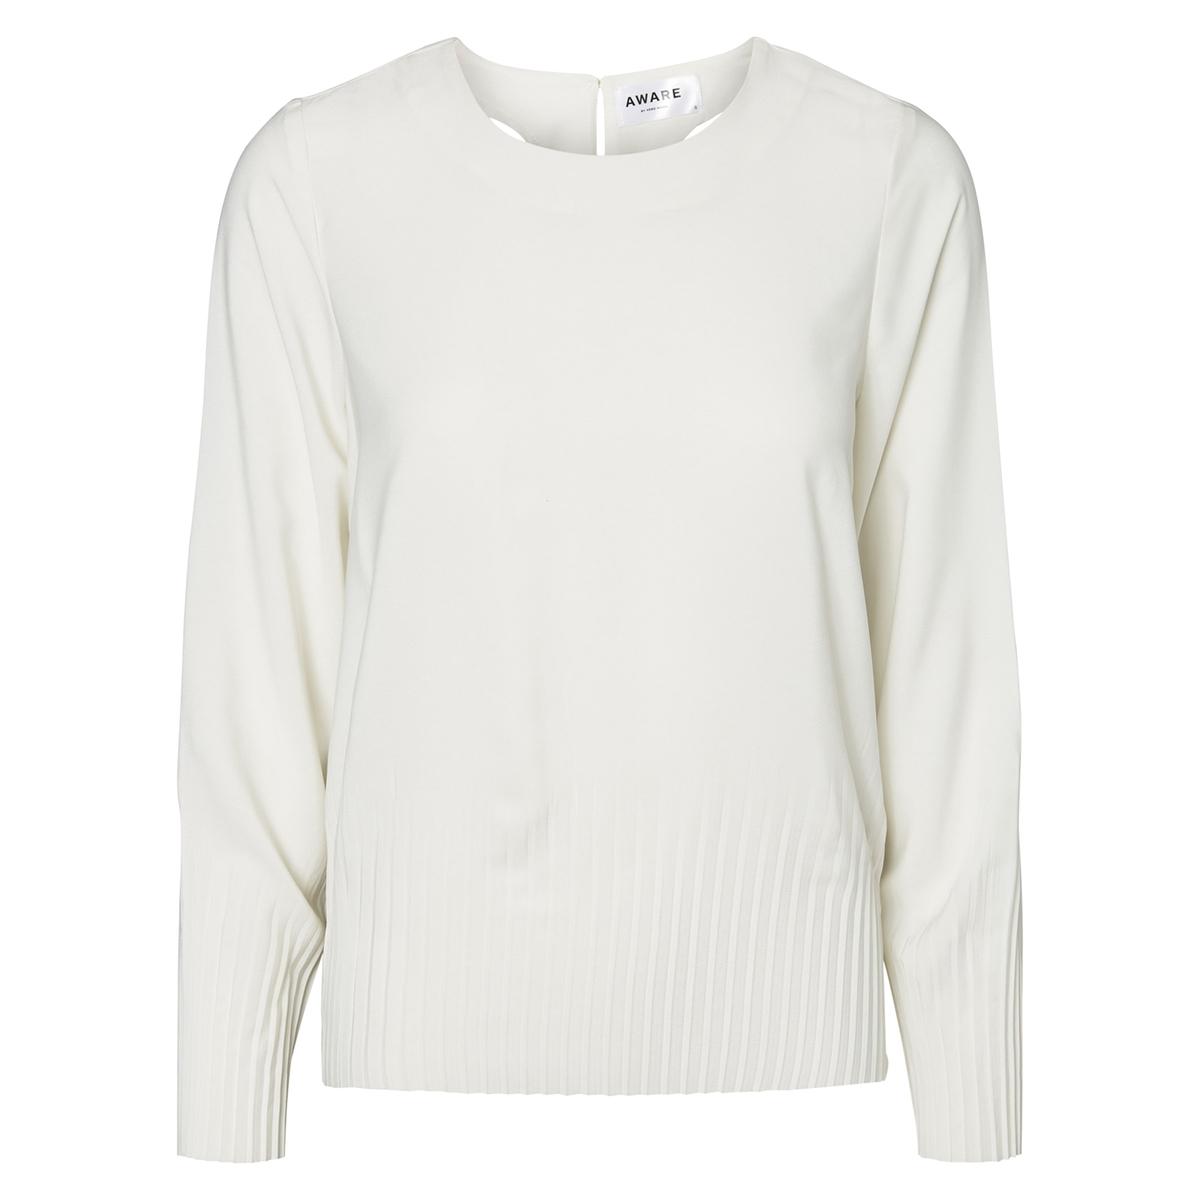 Блузка однотонная с круглым вырезом и длинными рукавами vero moda свитер с длинными рукавами